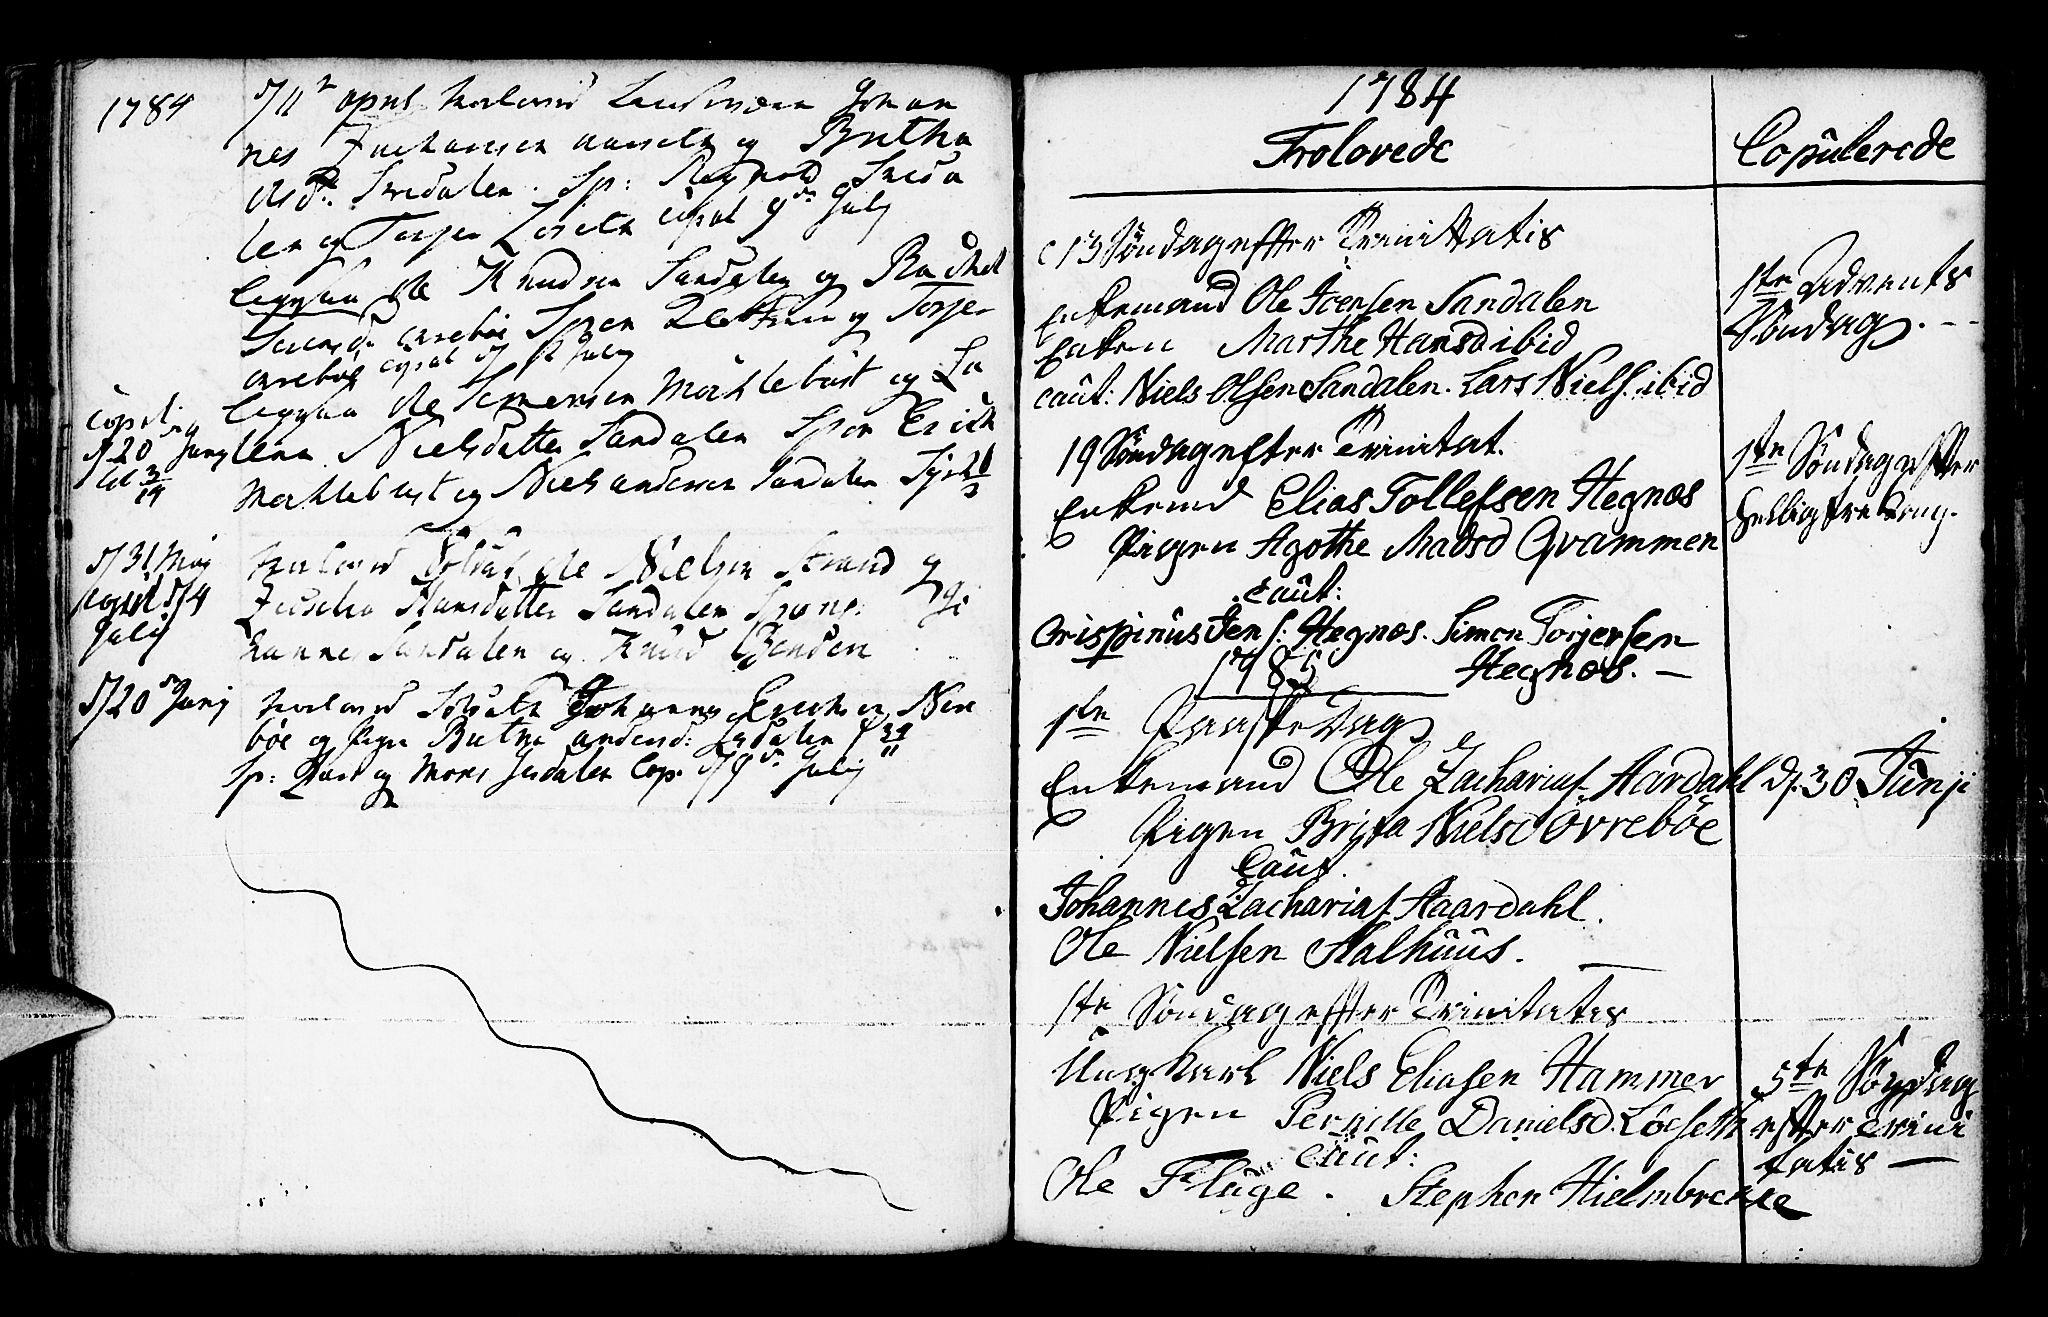 SAB, Jølster Sokneprestembete, Ministerialbok nr. A 3, 1748-1789, s. 187